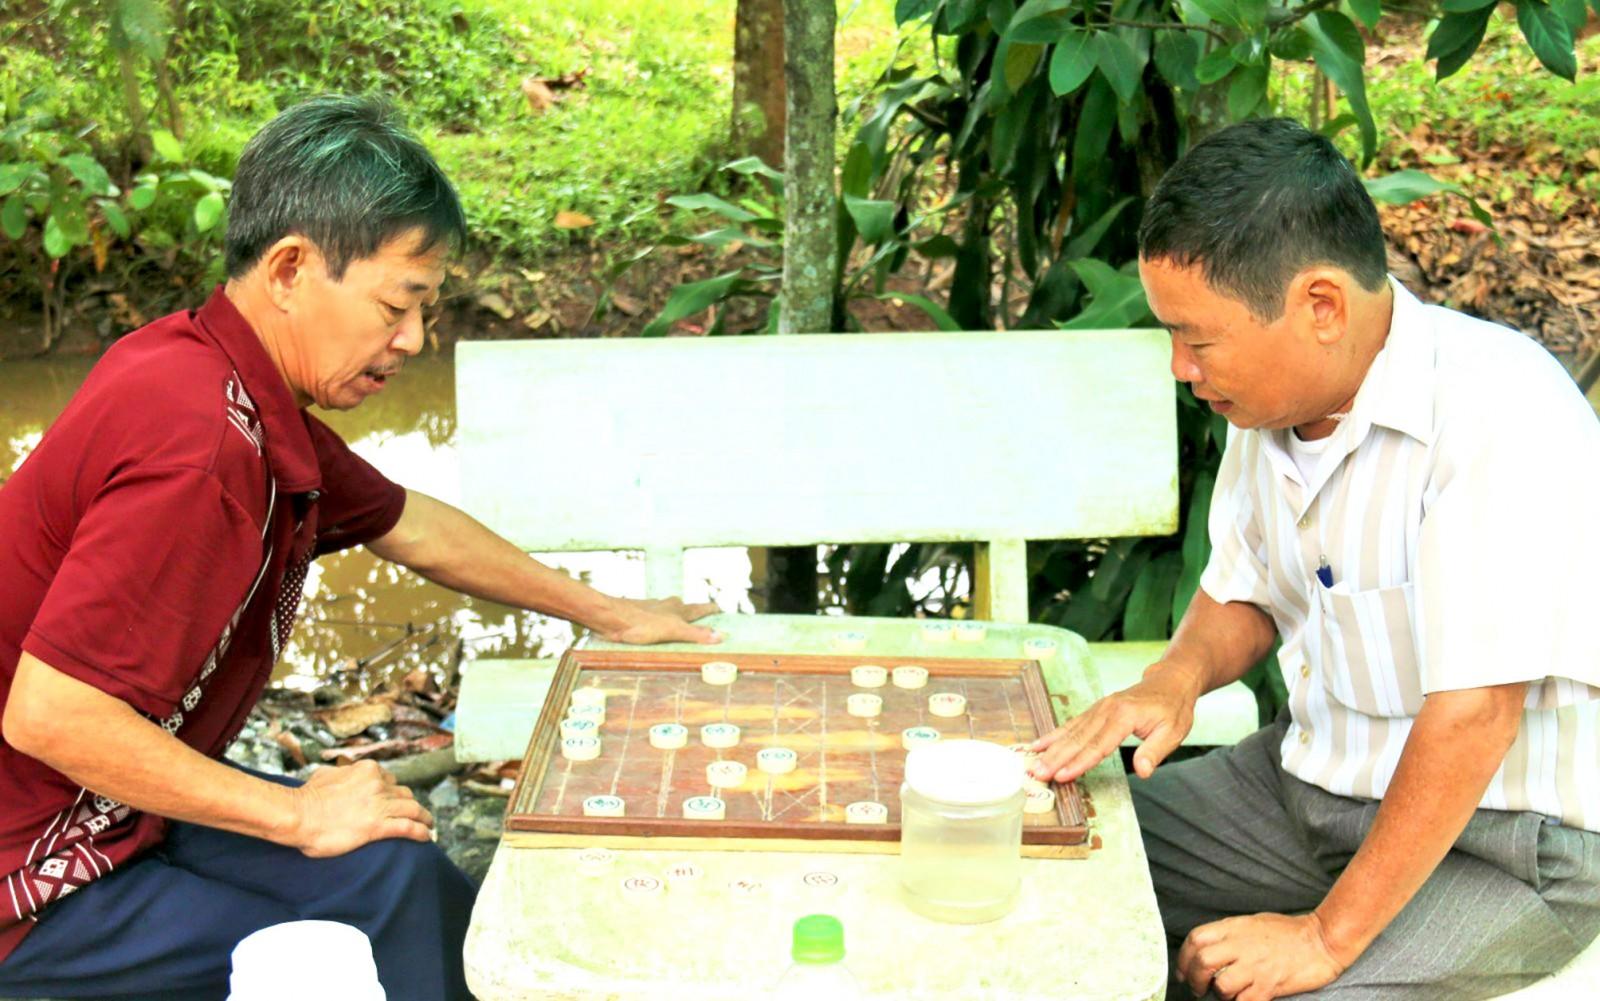 Giải Cờ tướng trung - cao tuổi là cơ hội để người trung niên, cao tuổi trong cả nước giao lưu, thi tài. Trong ảnh: Người cao tuổi Cần Thơ chơi cờ tướng. Ảnh: DUY KHÔI